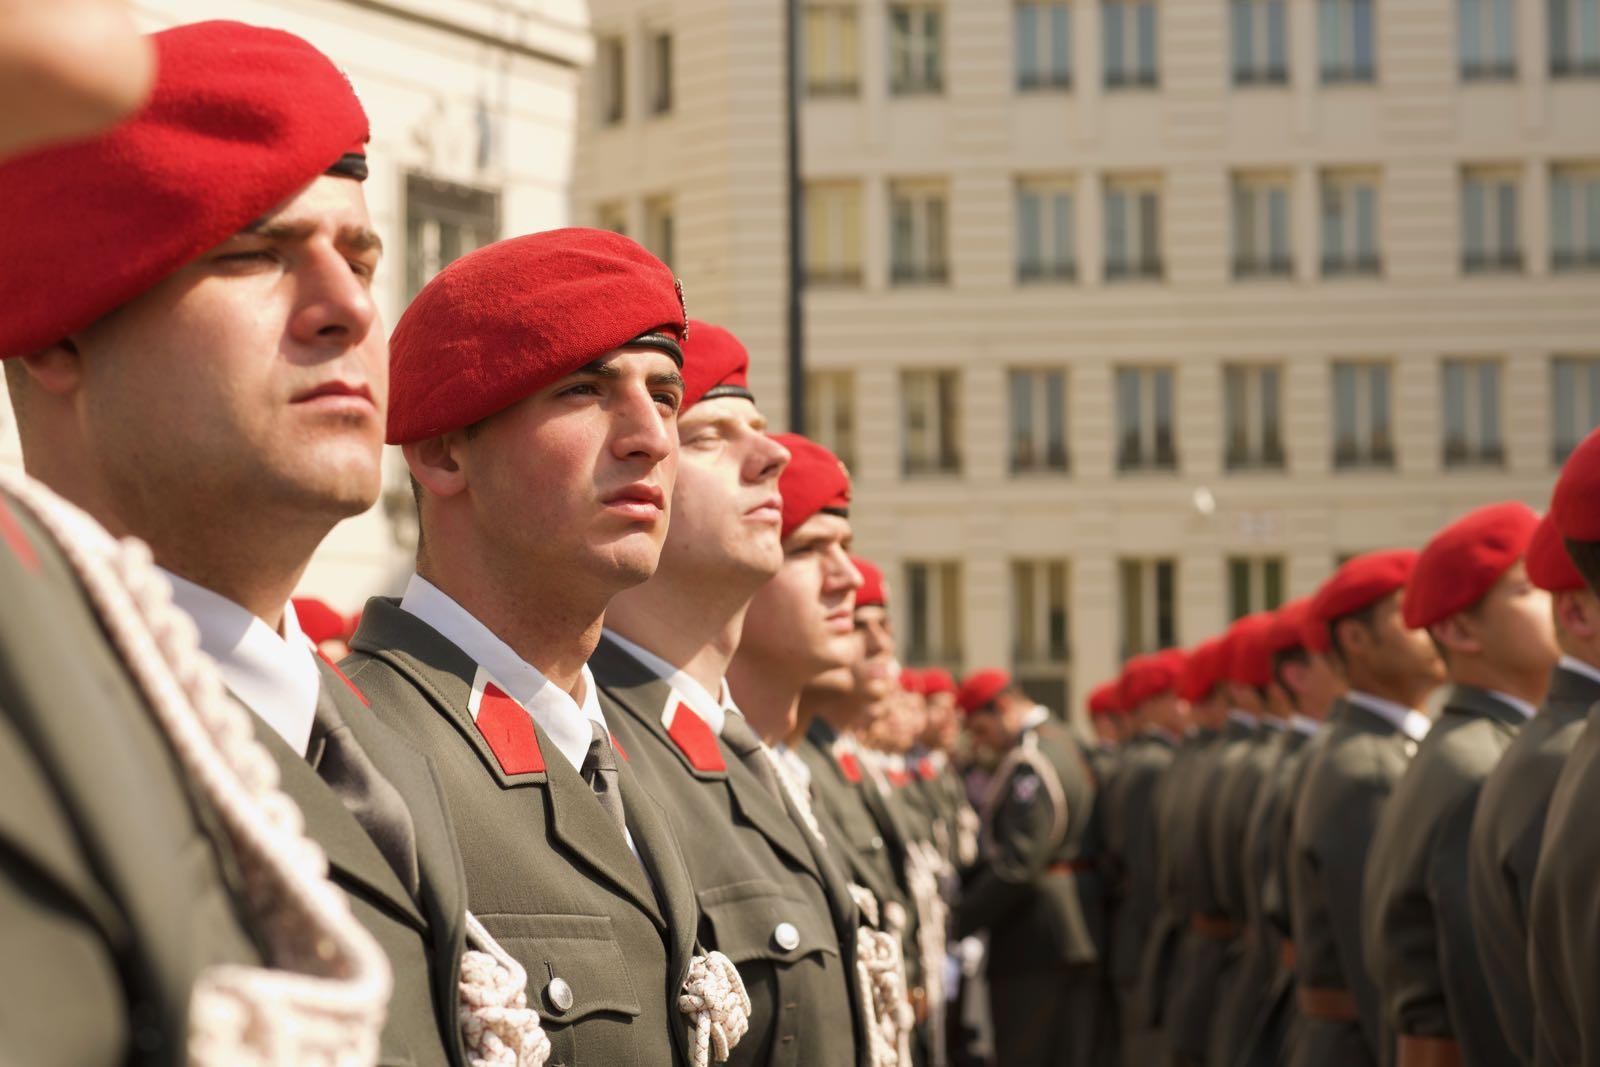 2019_04_09_4Gardekompanie_Montenegro_Ballhausplatz - 9 of 34